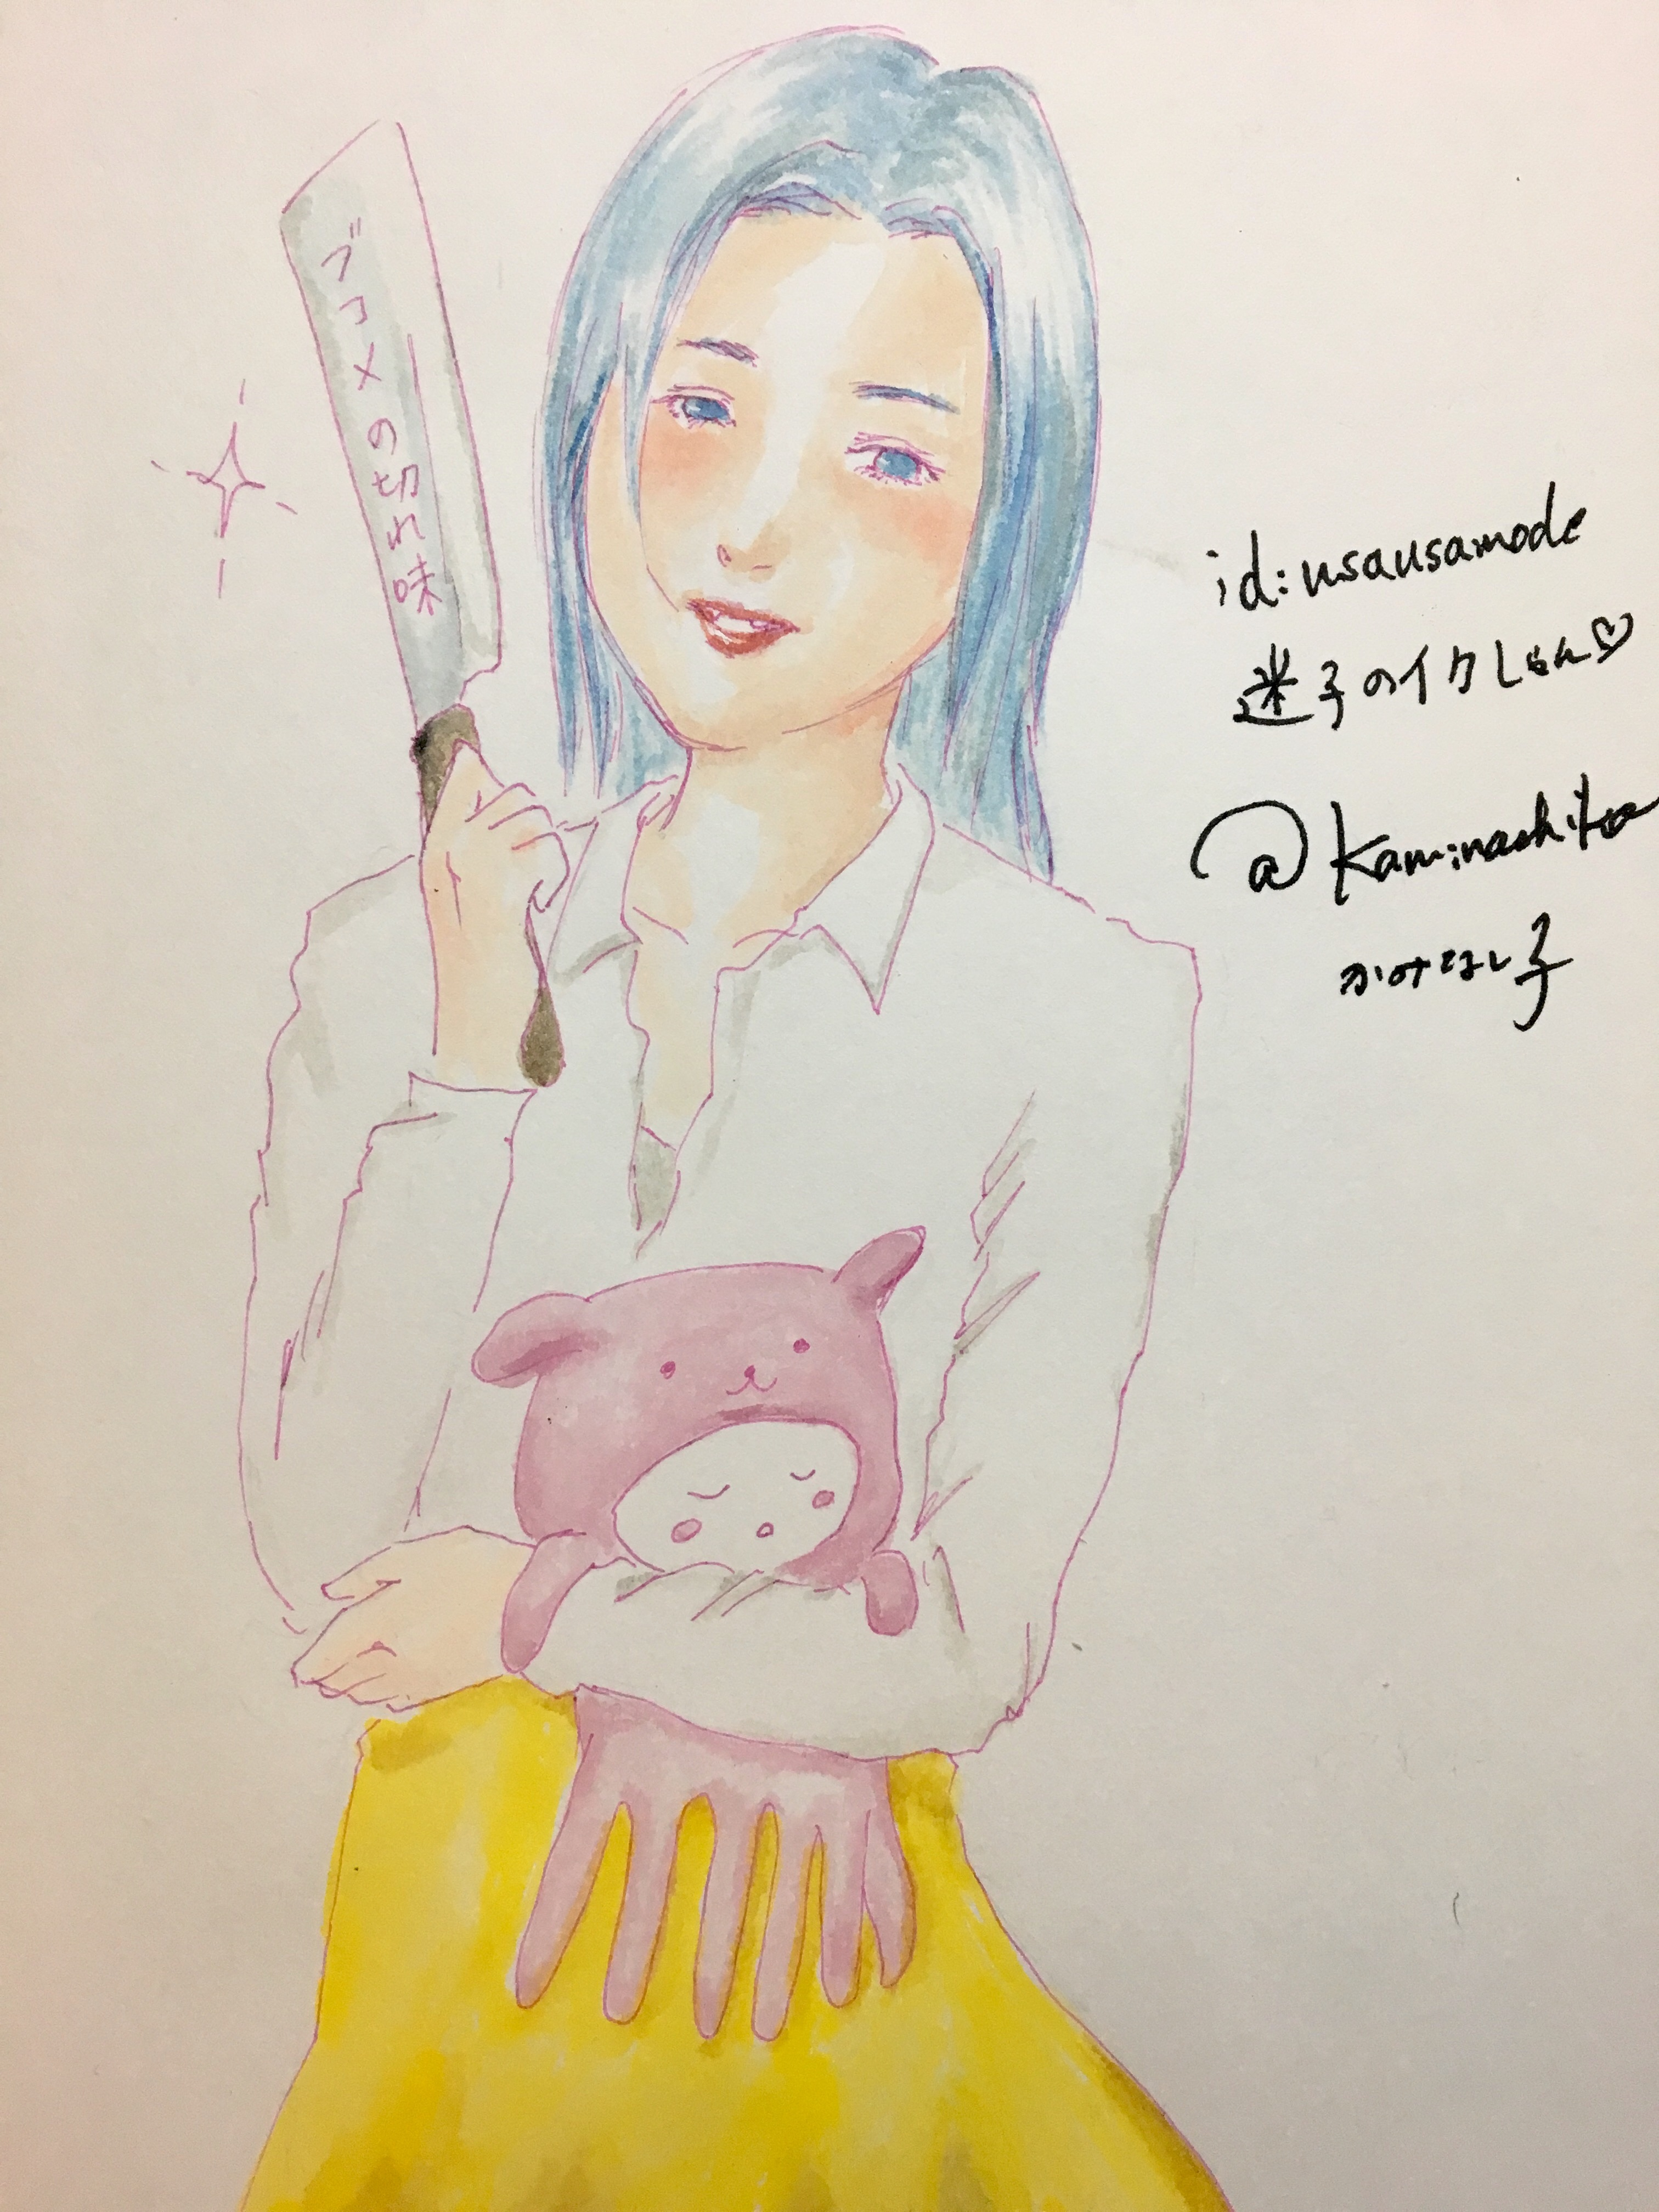 f:id:kaminashiko:20180625002029j:plain